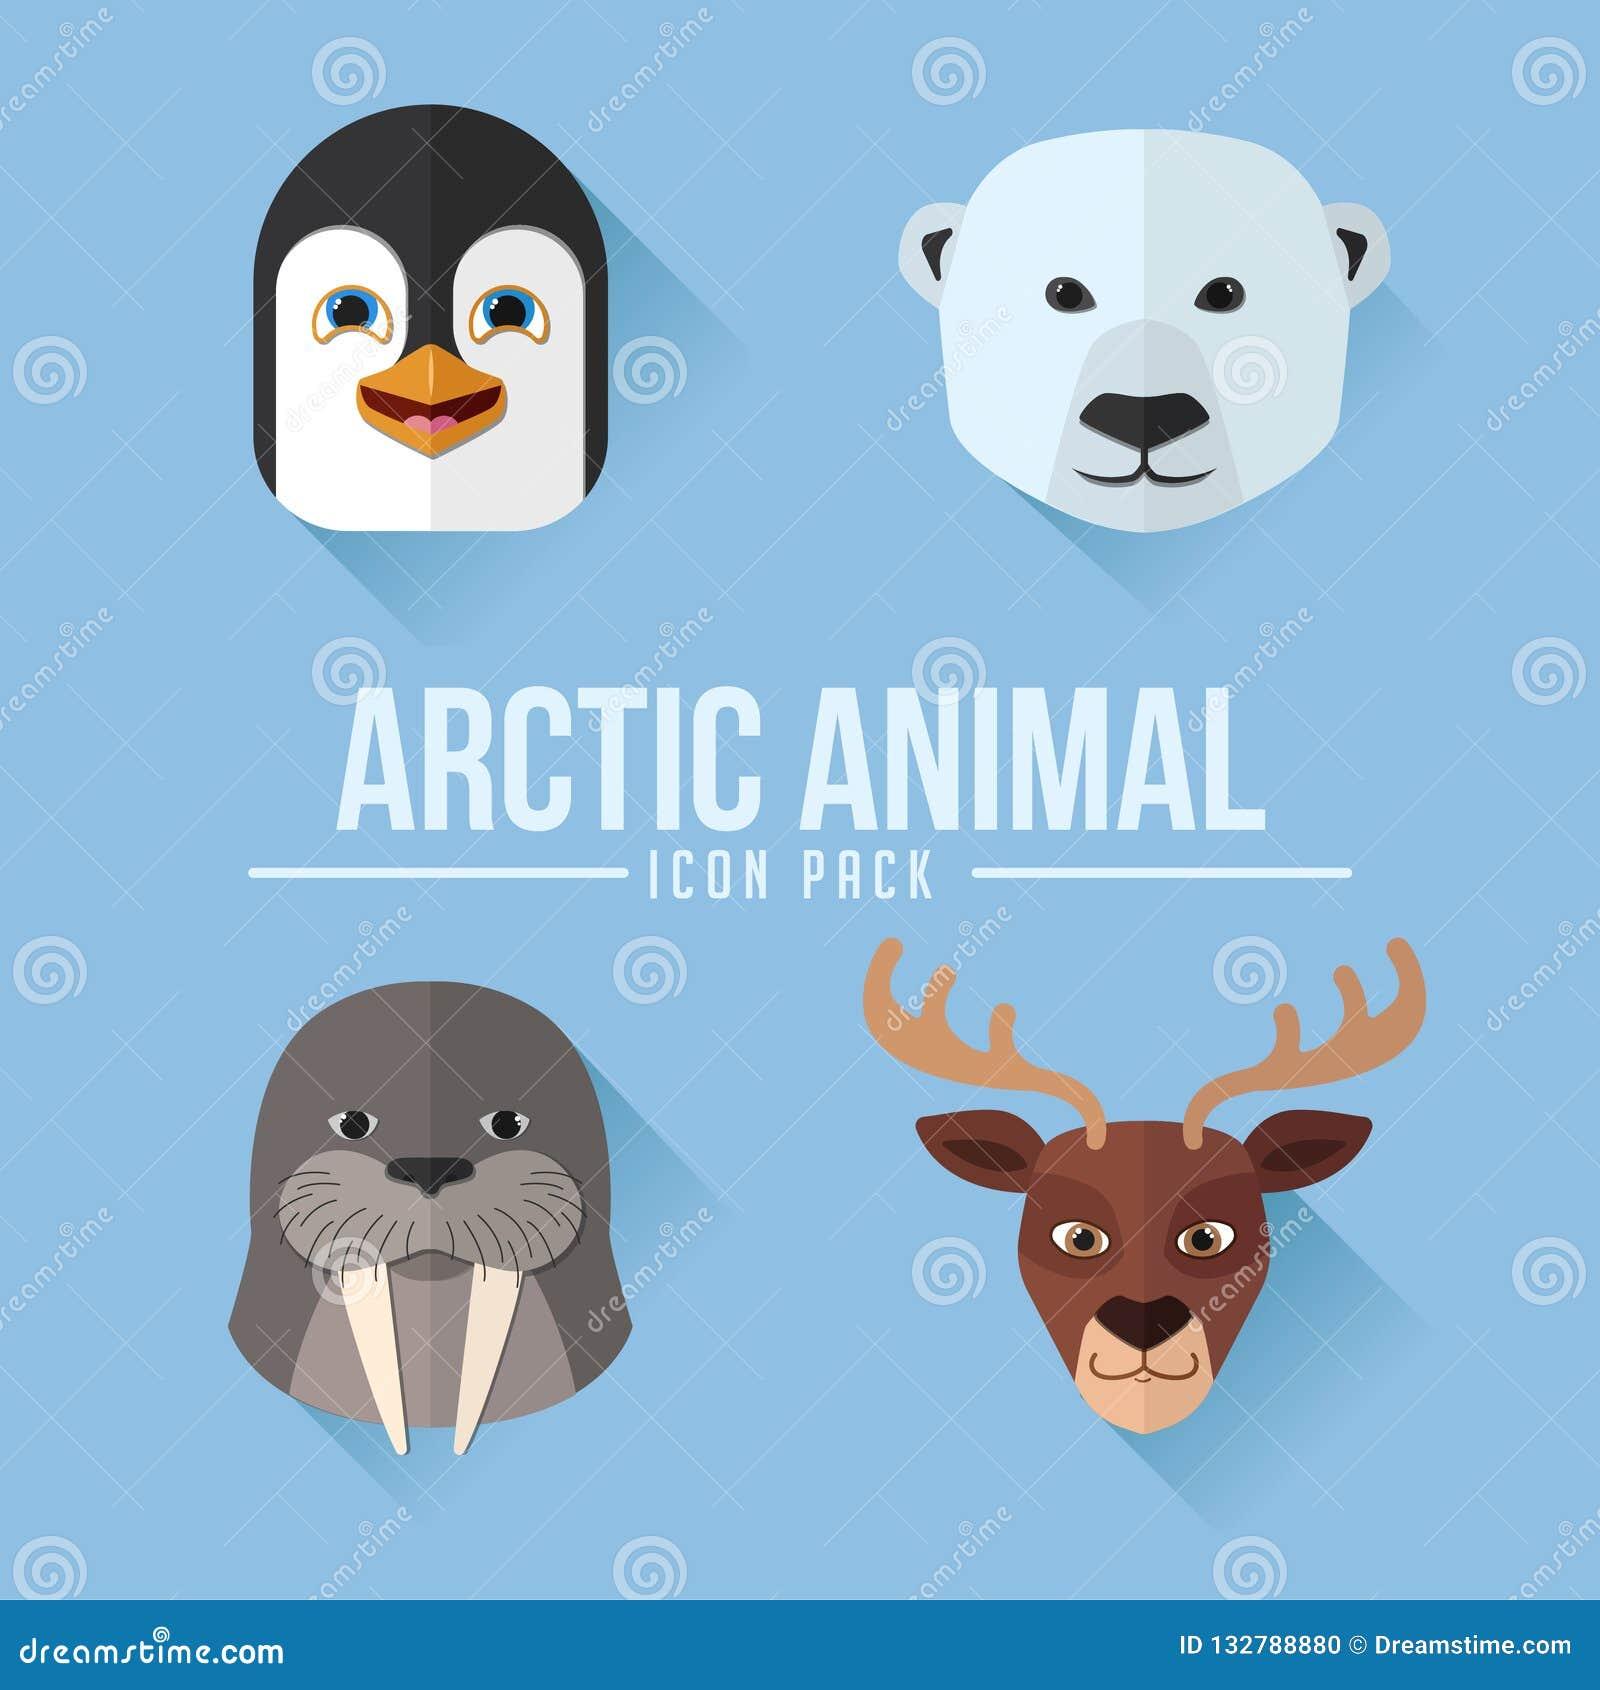 Αρκτικό ζωικό επίπεδο πακέτο εικονιδίων